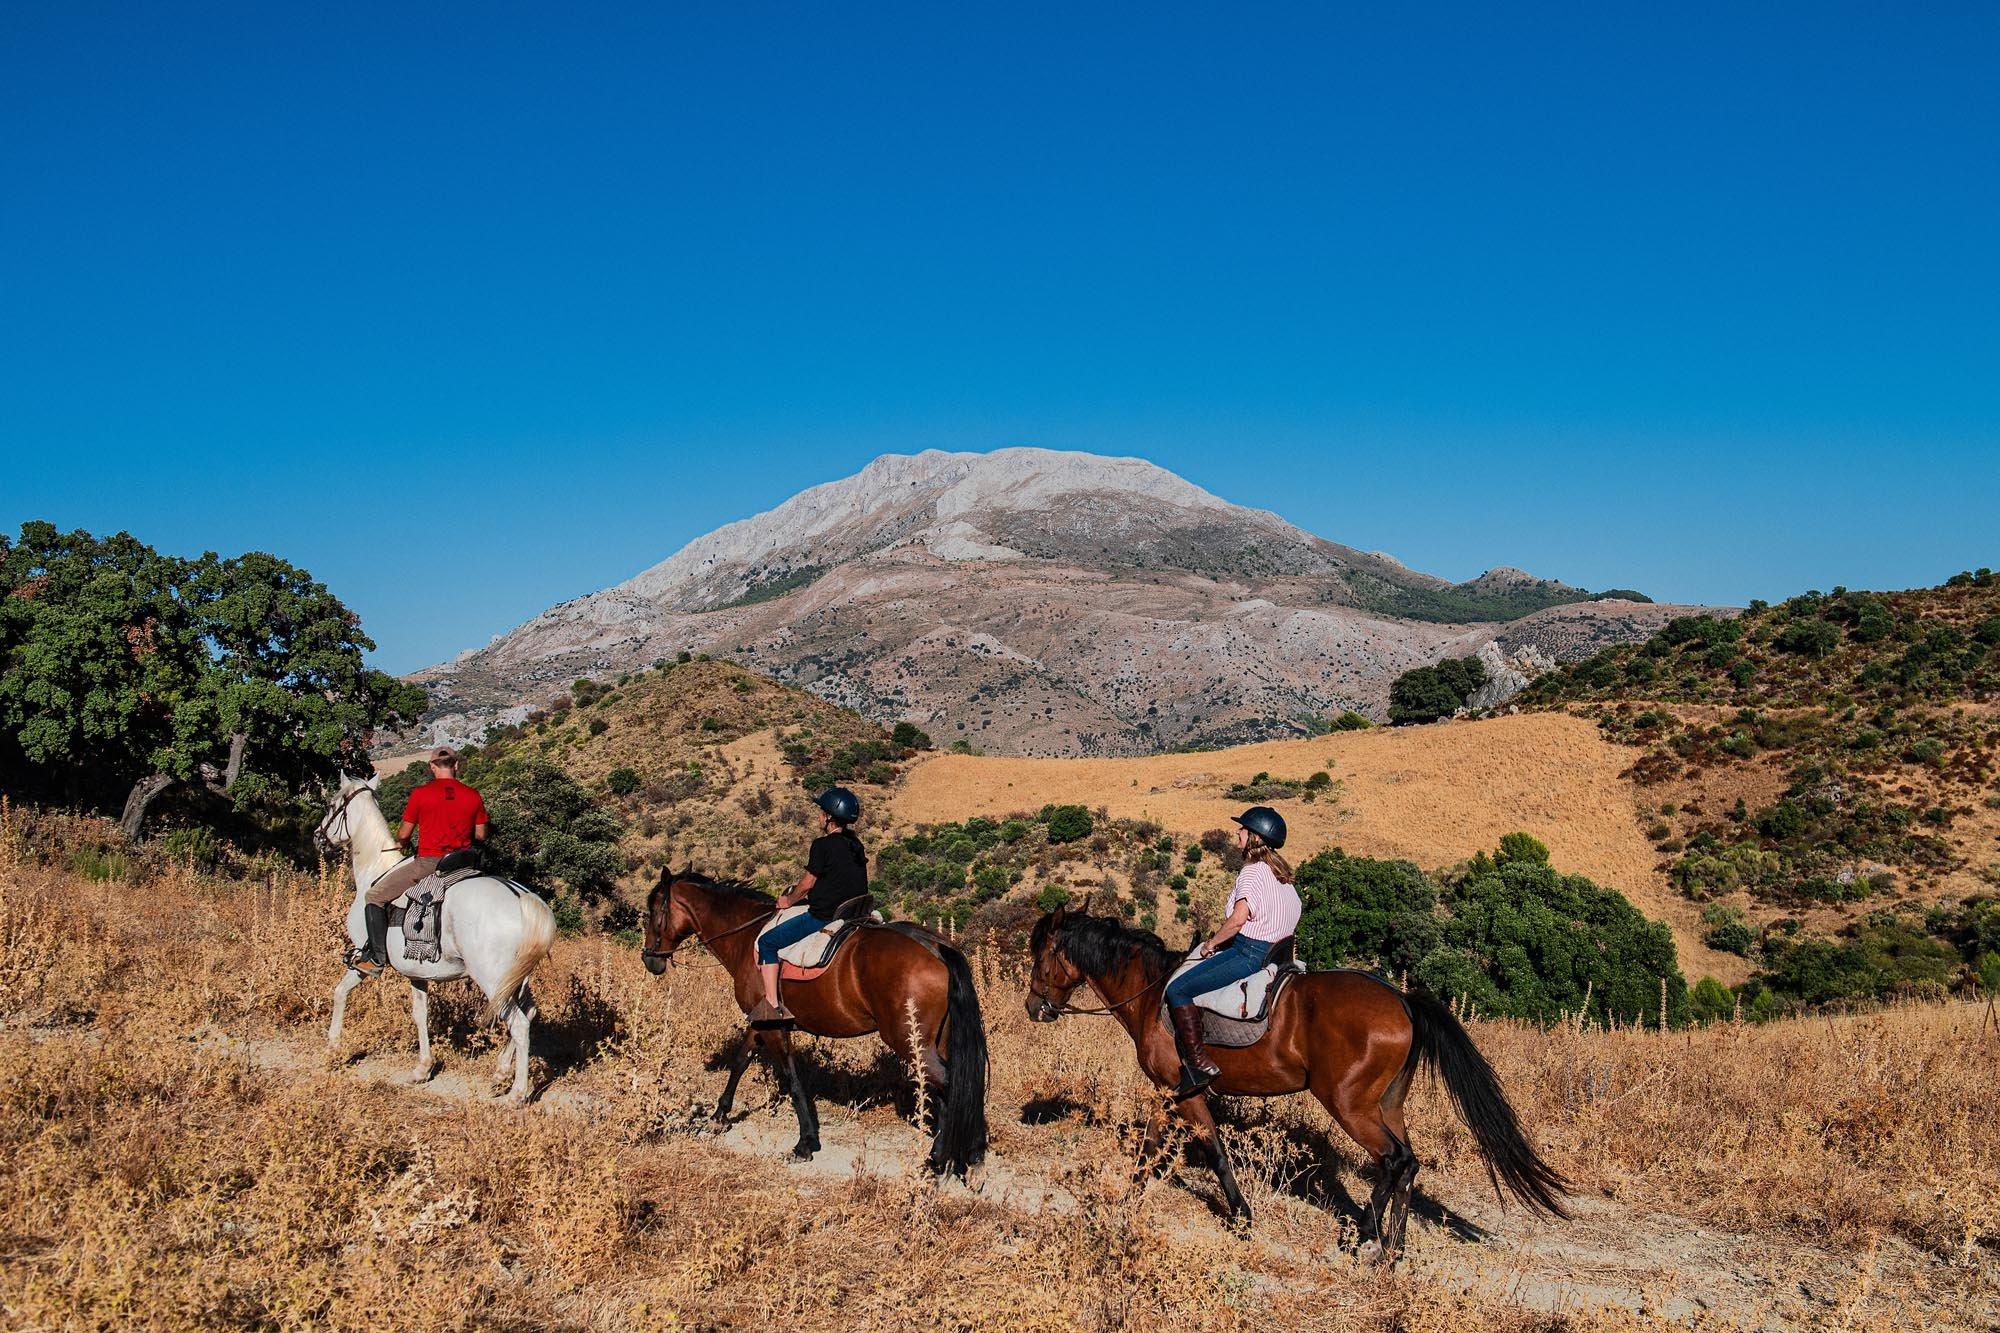 La Fuensanta, ruta senderismo Sierra de las Nieves, Málaga